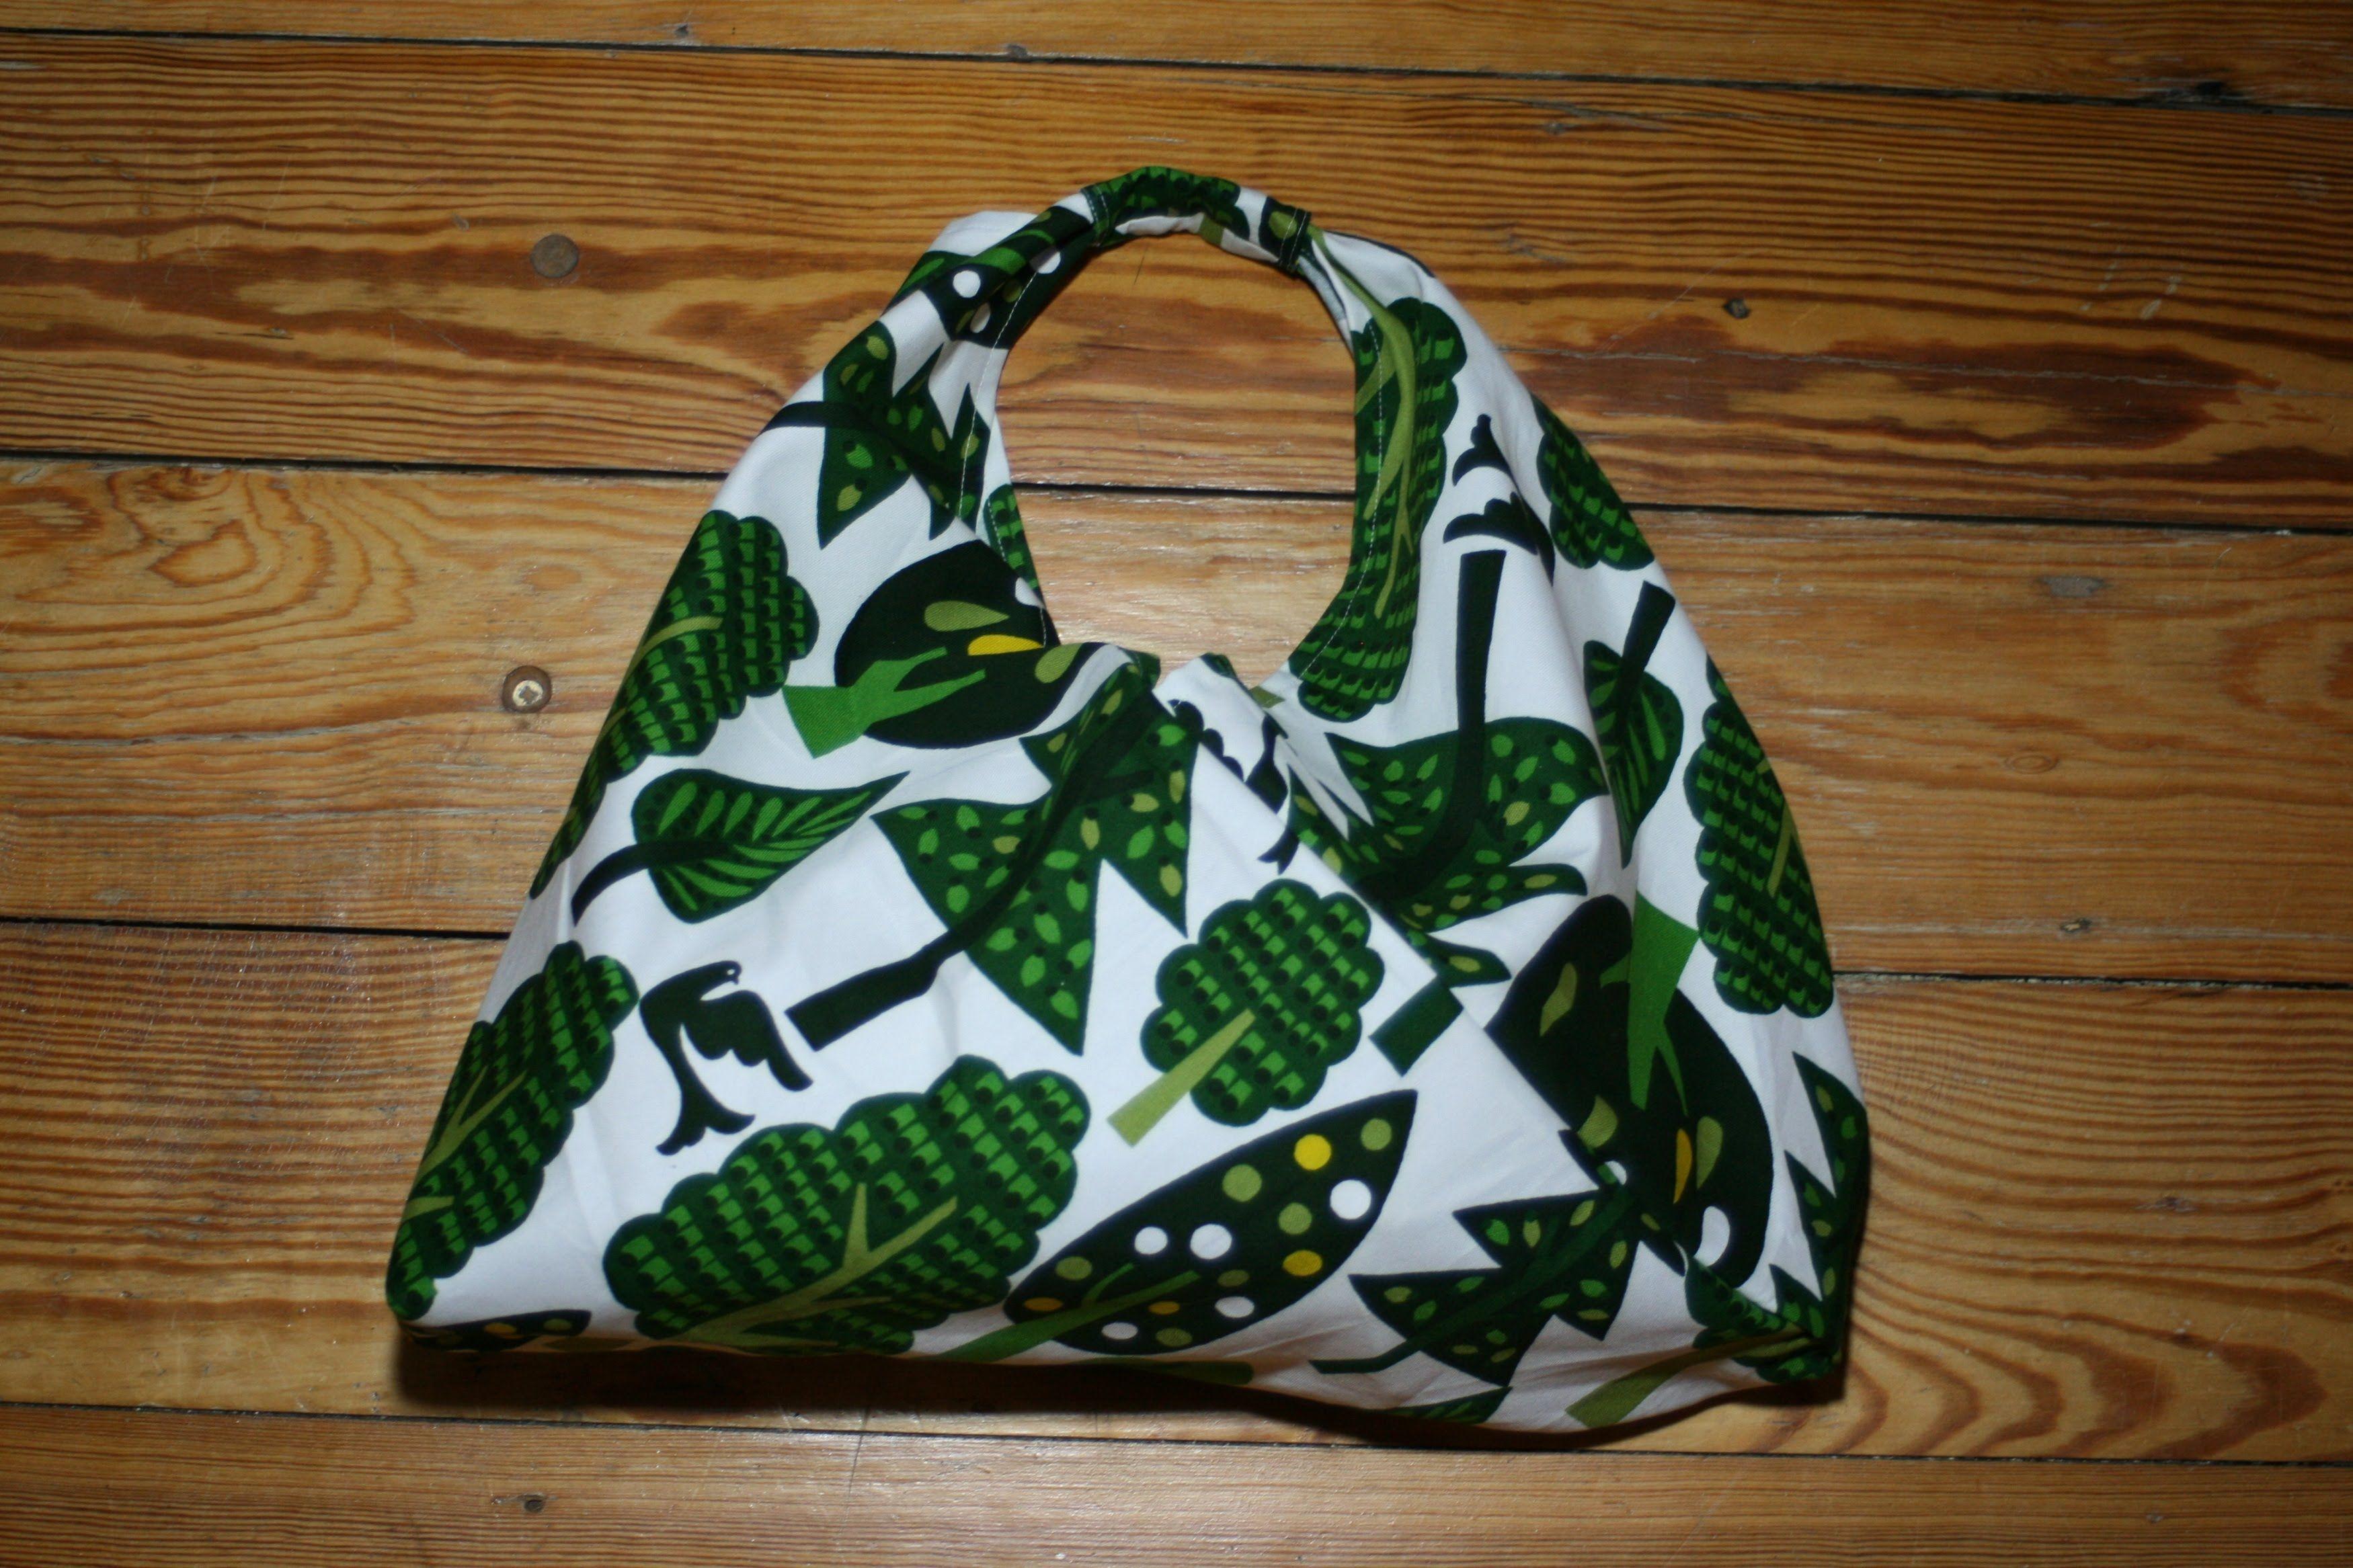 Origami-Bento-Bag nähen | Nähen | Pinterest | Origami, Nähen und ...